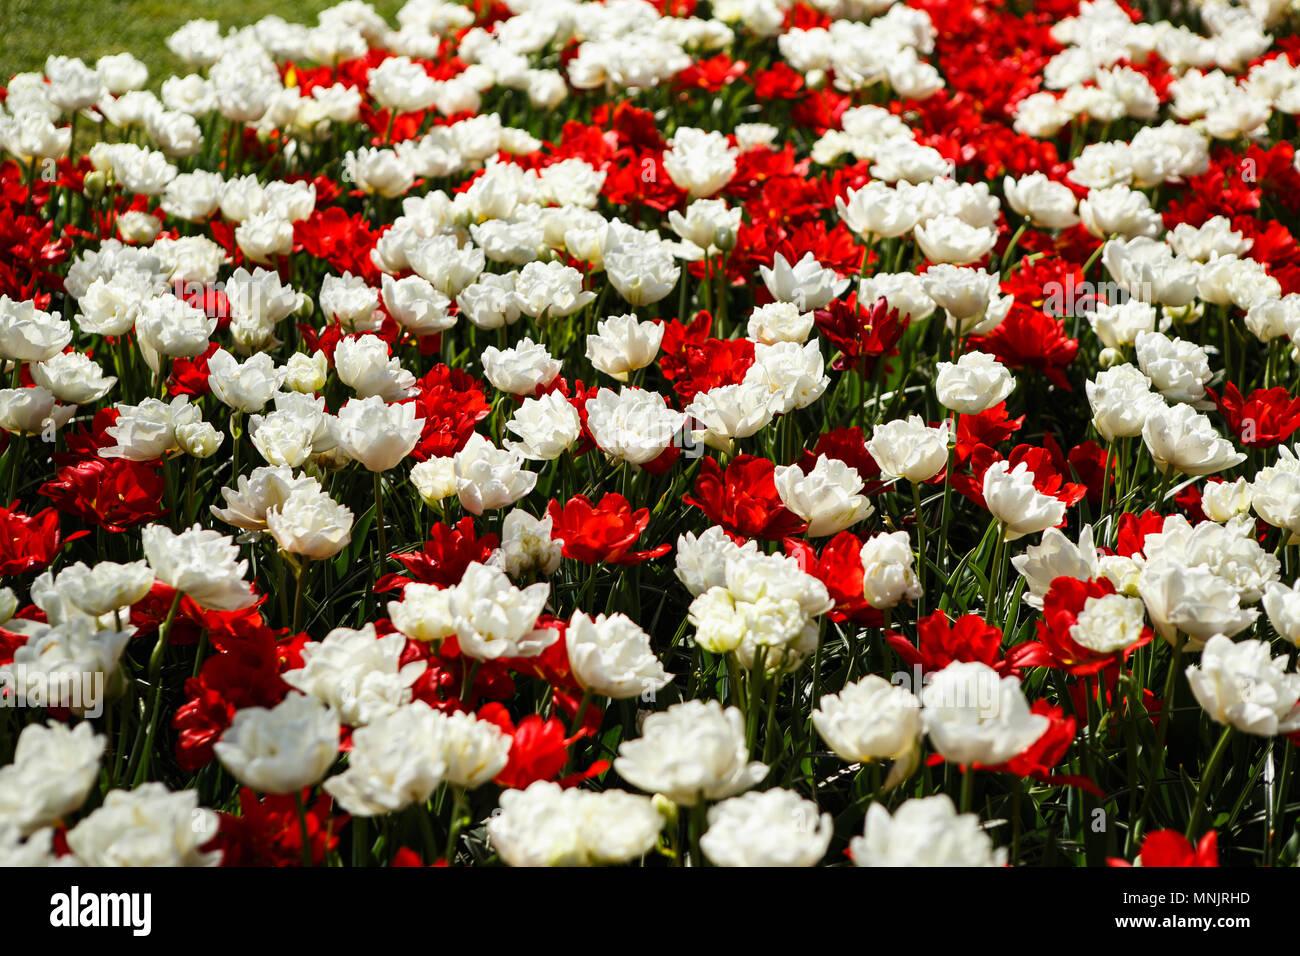 Beautiful Red Peonies Flowers Bloom In Spring Gardencorative